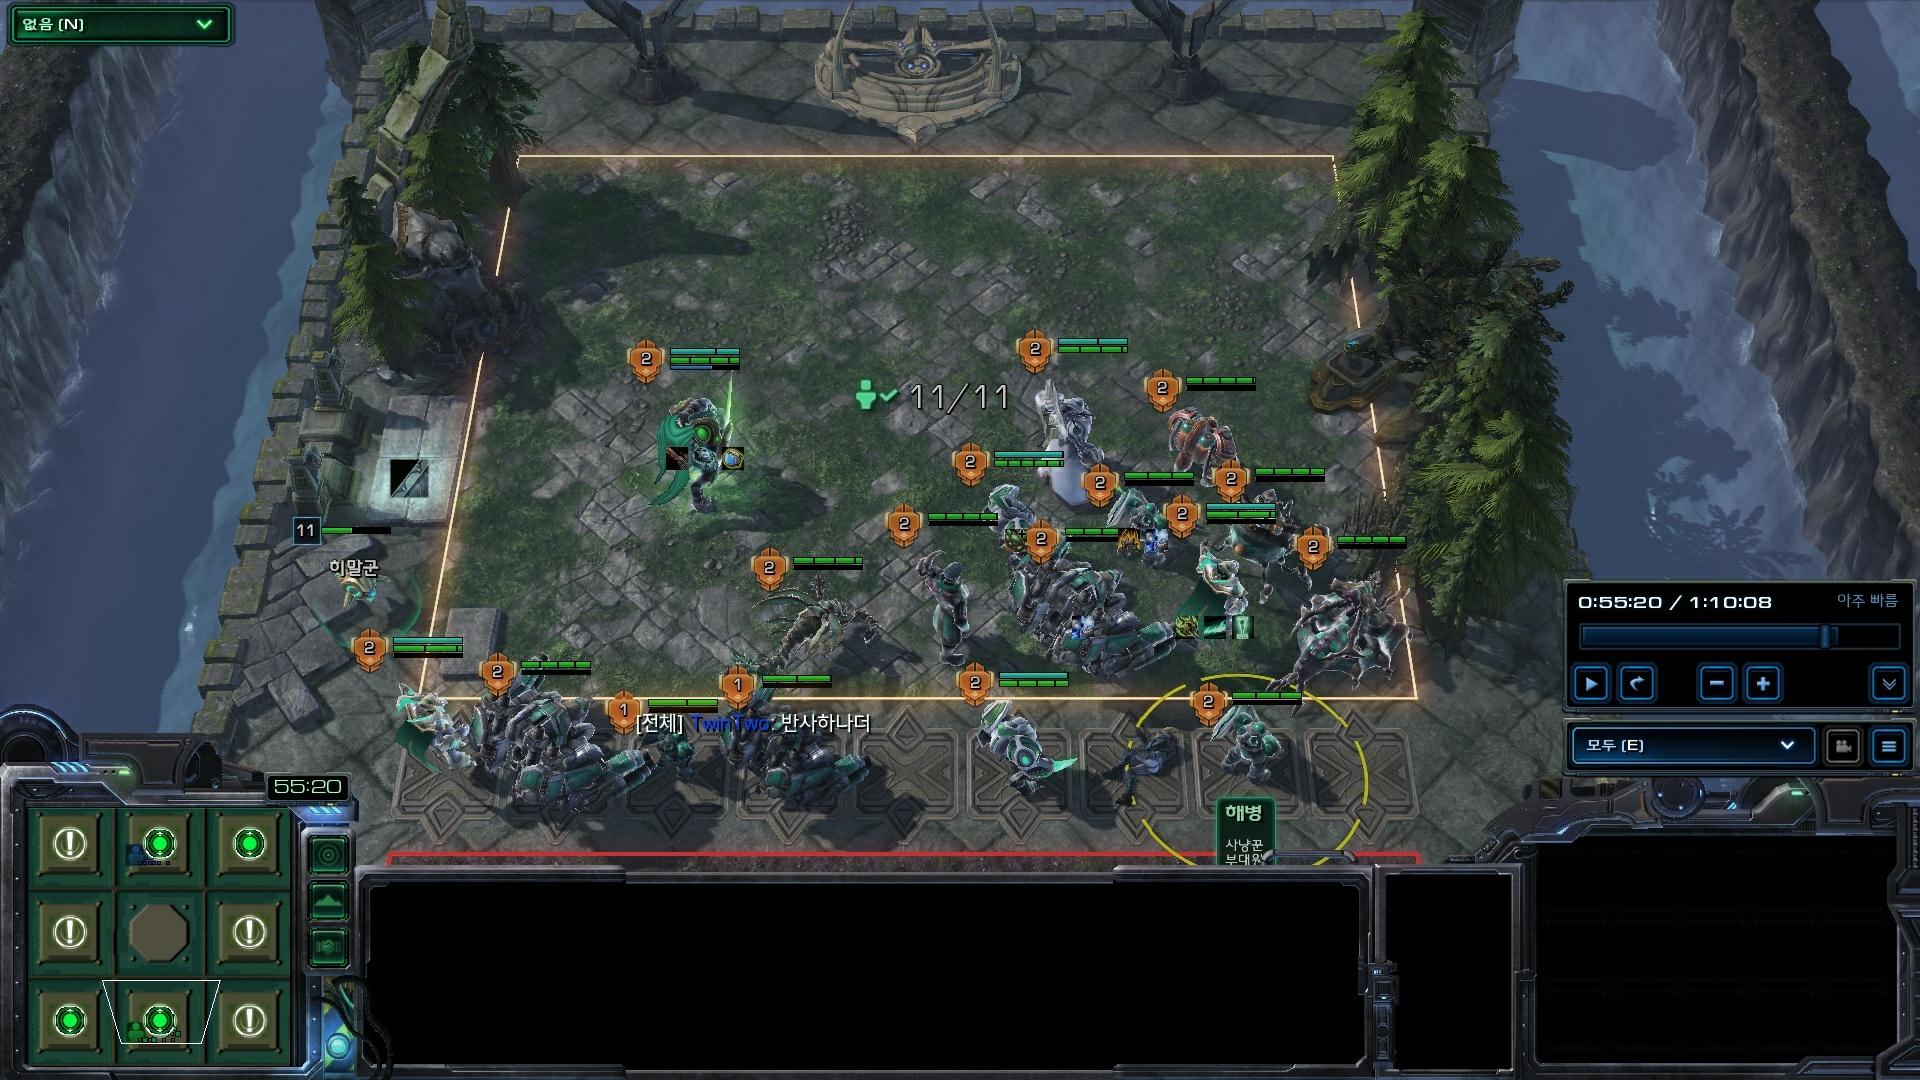 Screenshot2019-09-29 16_31_47.jpg